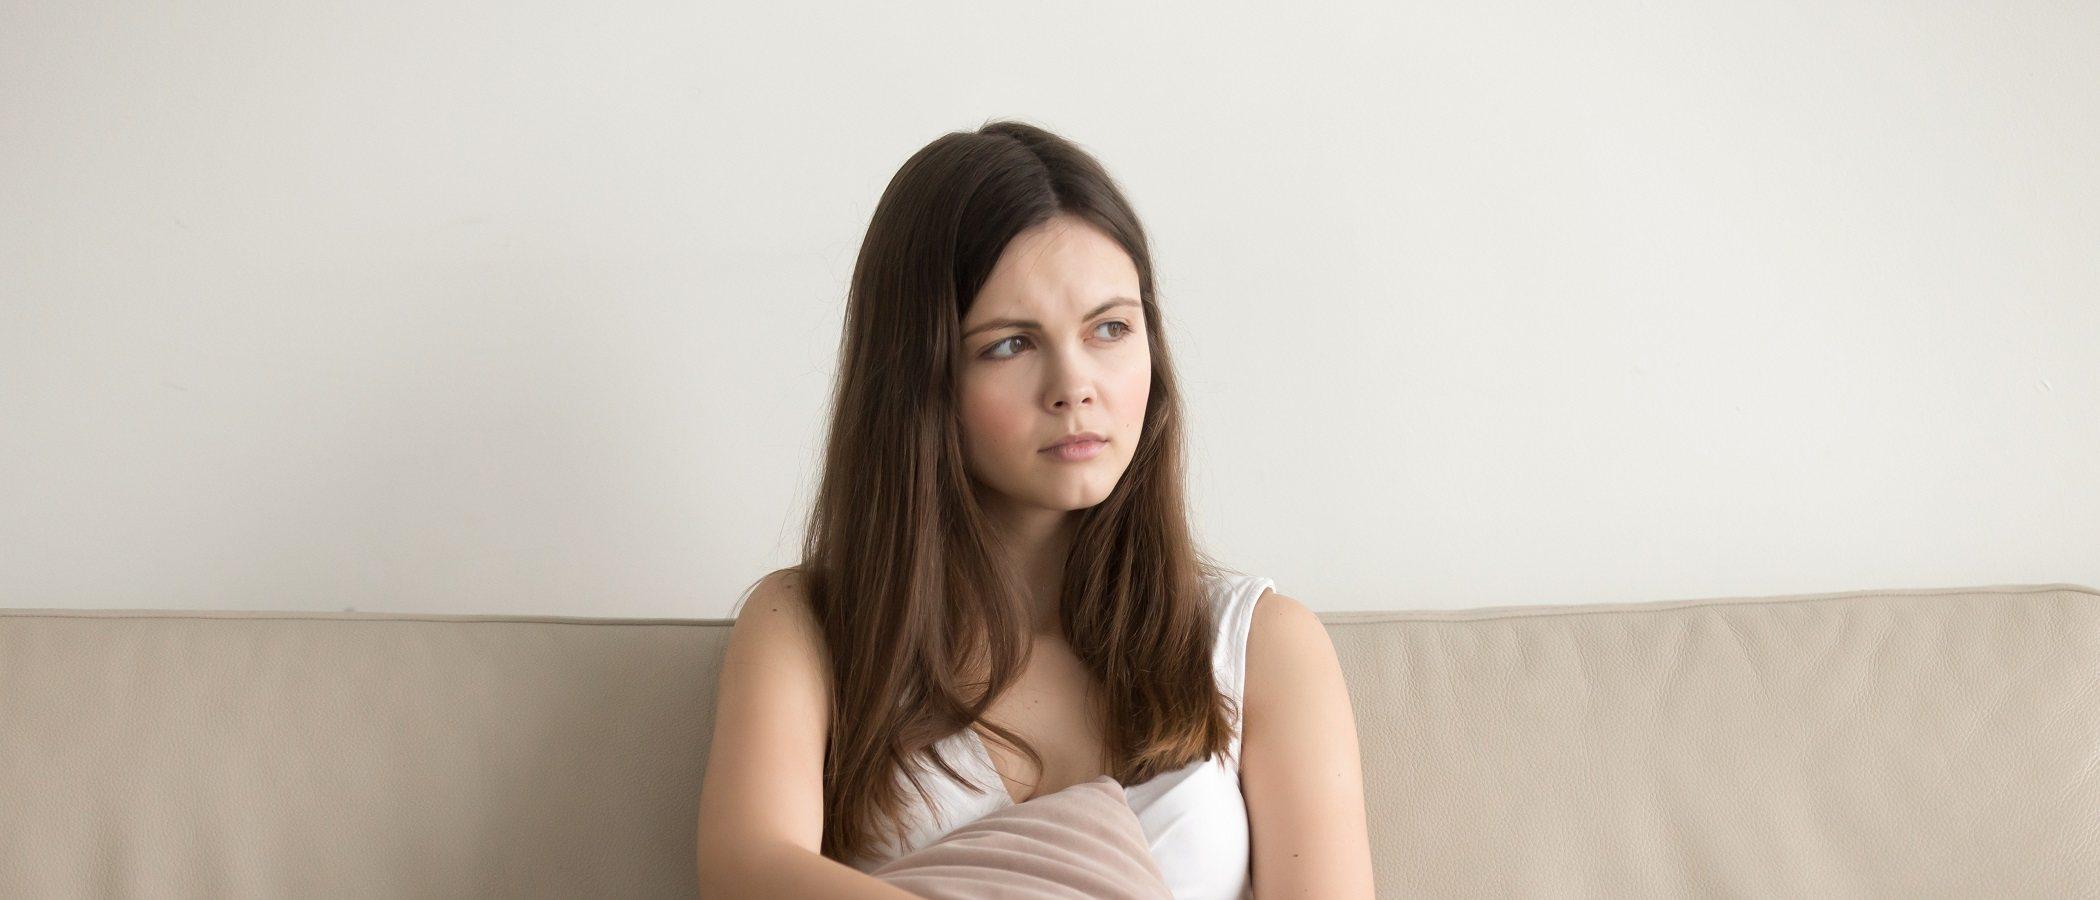 Señales de ira oculta en adolescentes